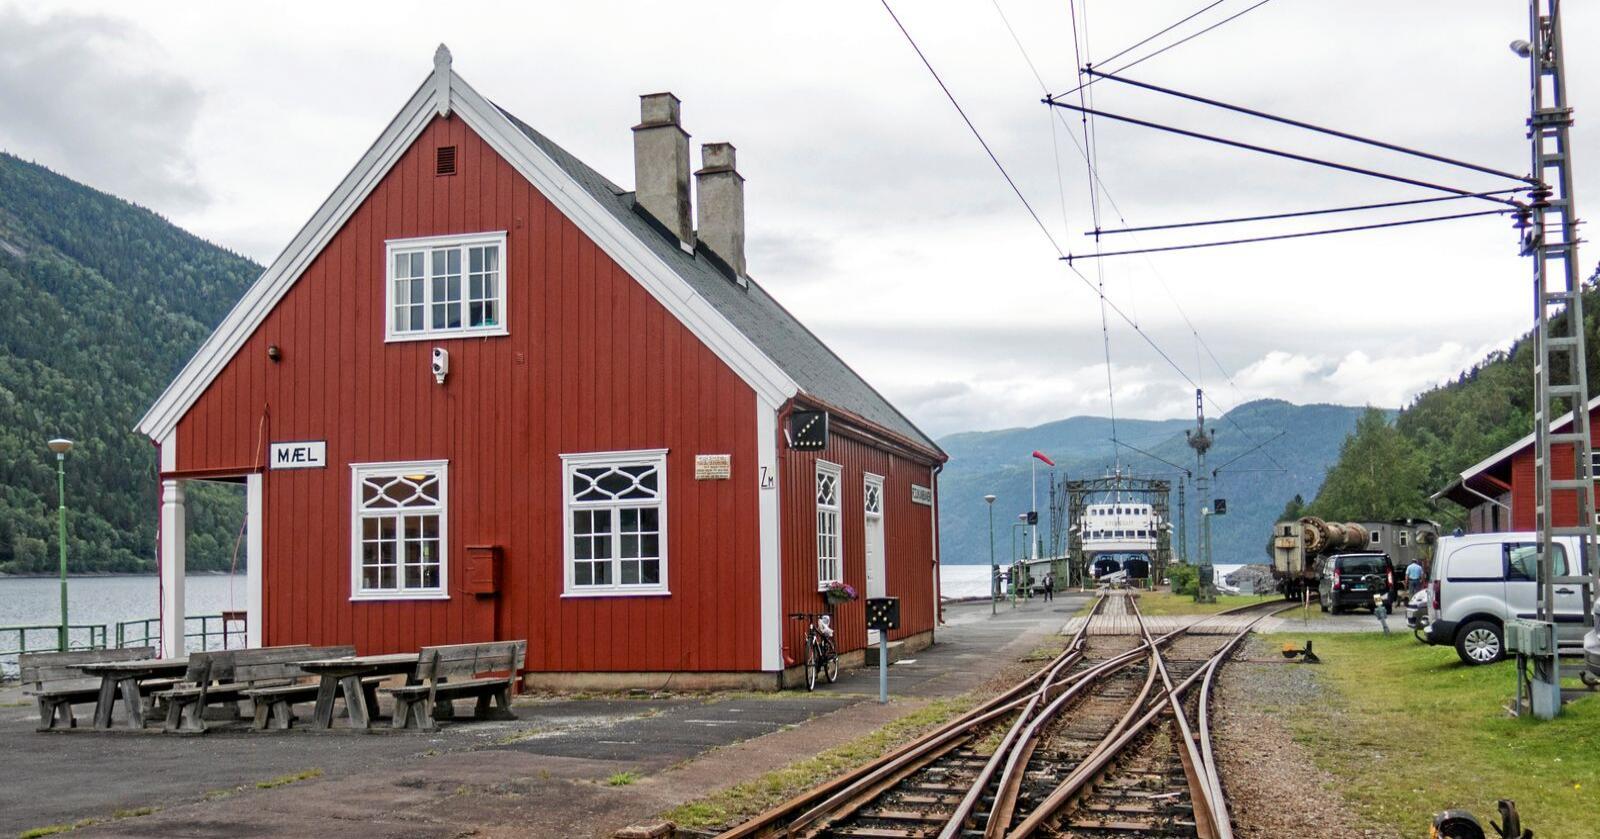 Kulturminne: Mæl stasjon på den nedlagte Rjukanbanen i Tinn kommune i Telemark. Foto: Paul Kleiven / NTB scanpix